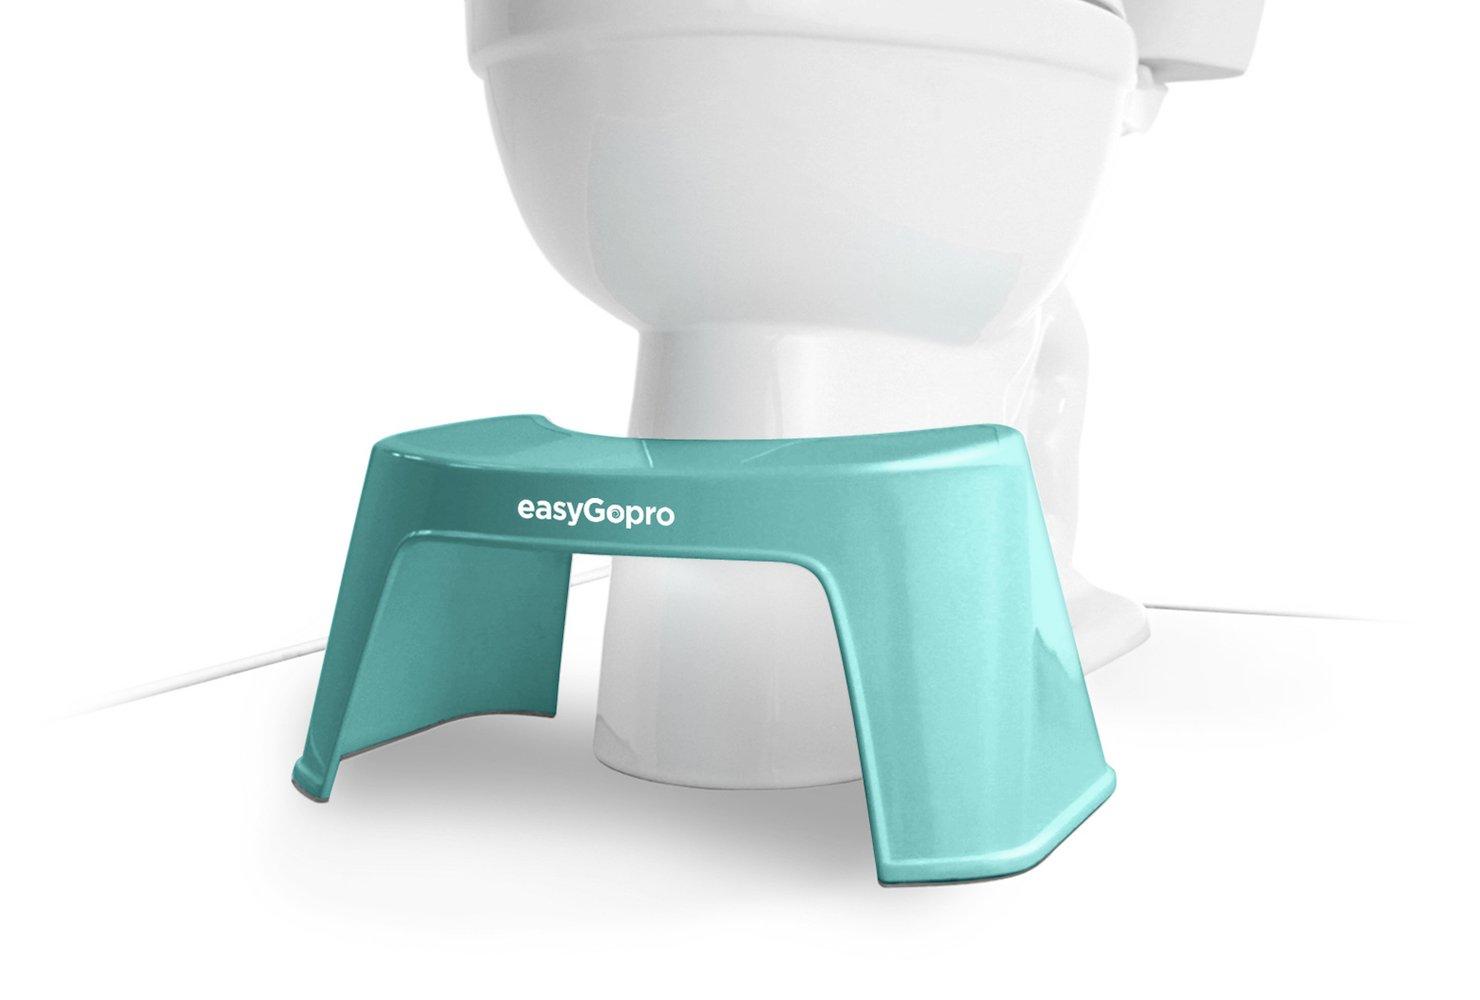 easyGopro イージーゴープロ トイレ踏み台 日本のトイレにジャストサイズ 高さ18cm (ターコイズ) B00R0K1SI6  ターコイズ